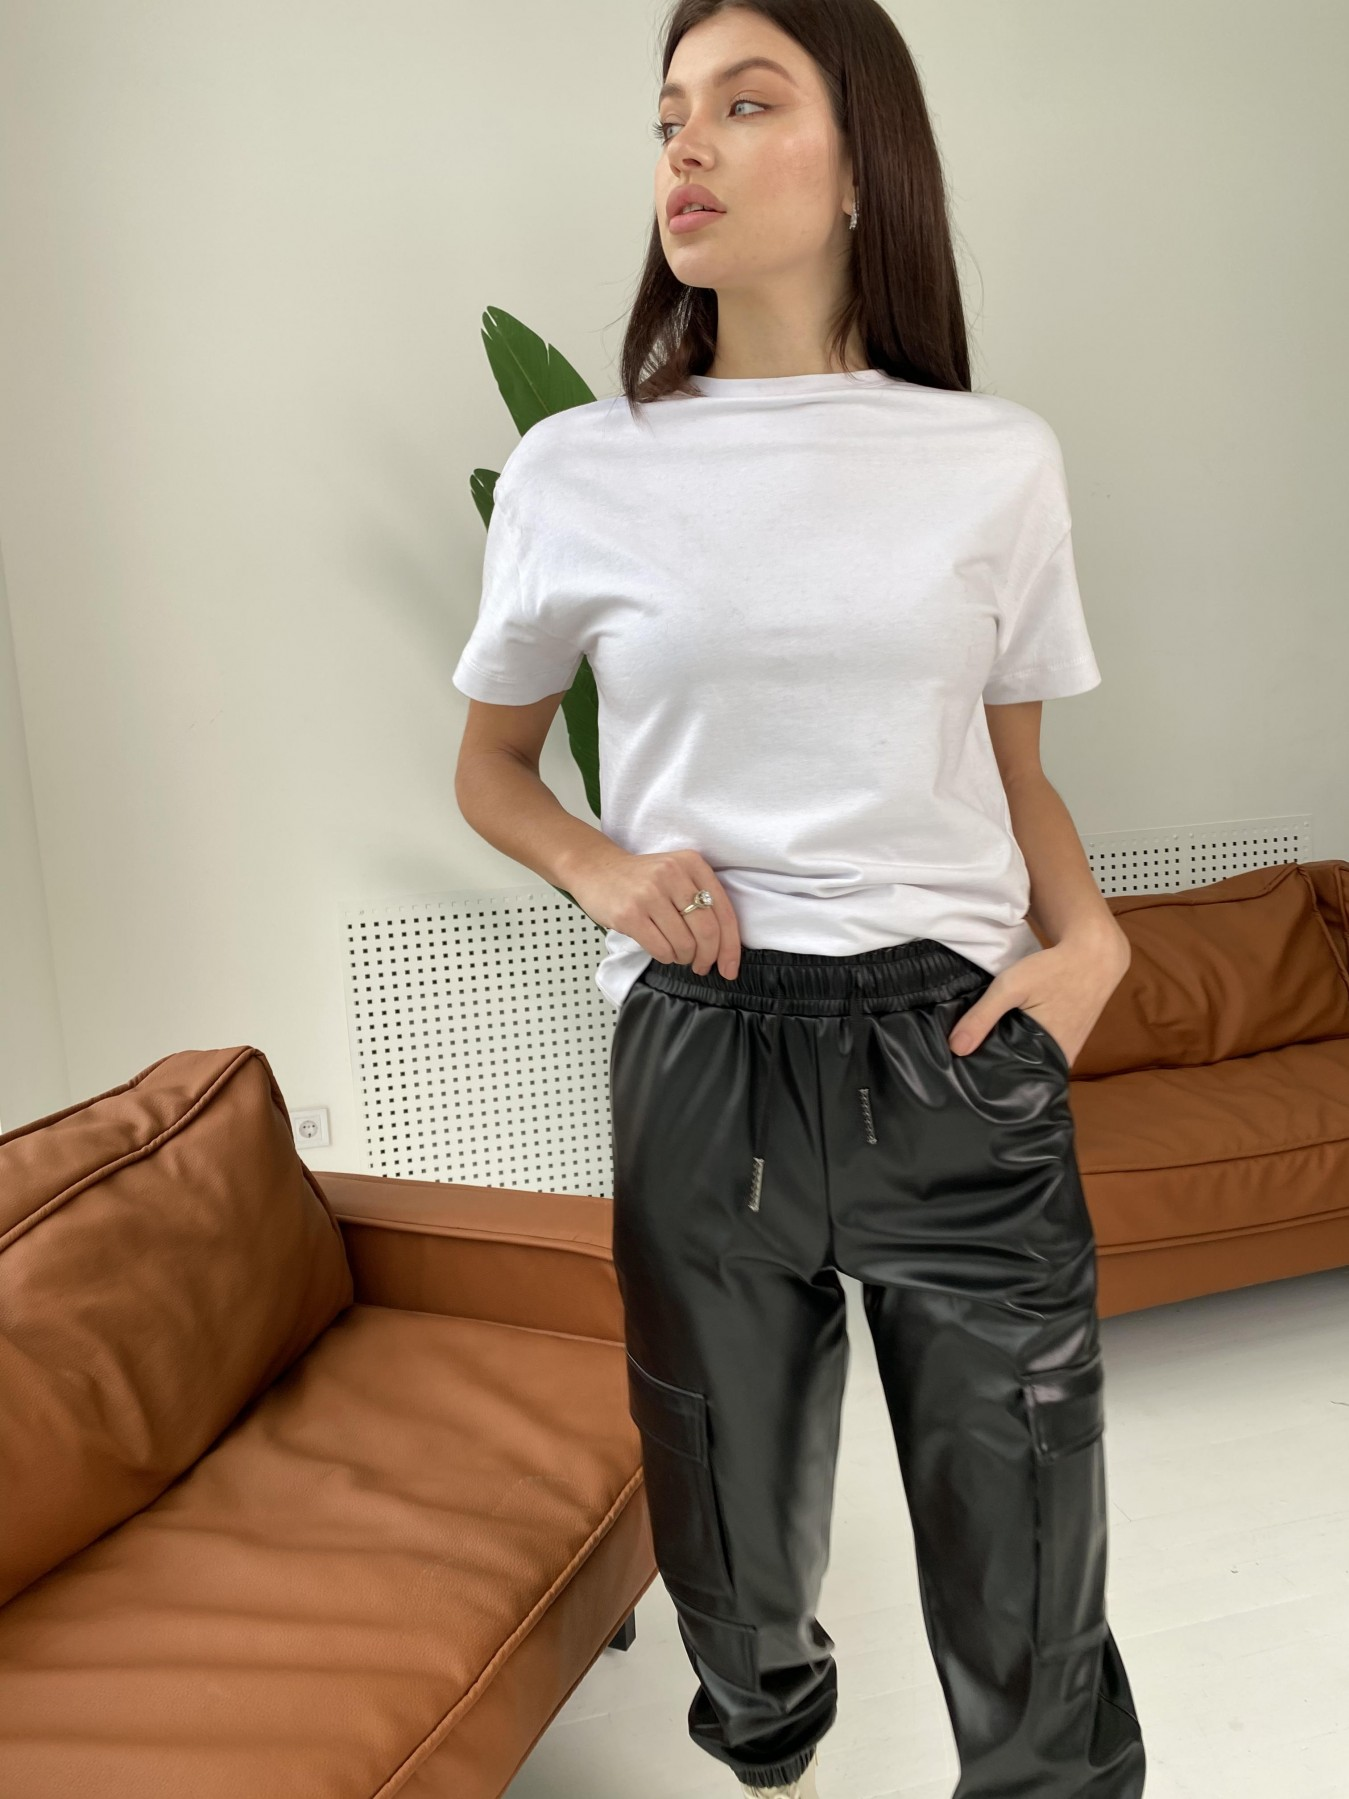 Кьюи брюки из экокожи 10673 АРТ. 47074 Цвет: Черный - фото 5, интернет магазин tm-modus.ru